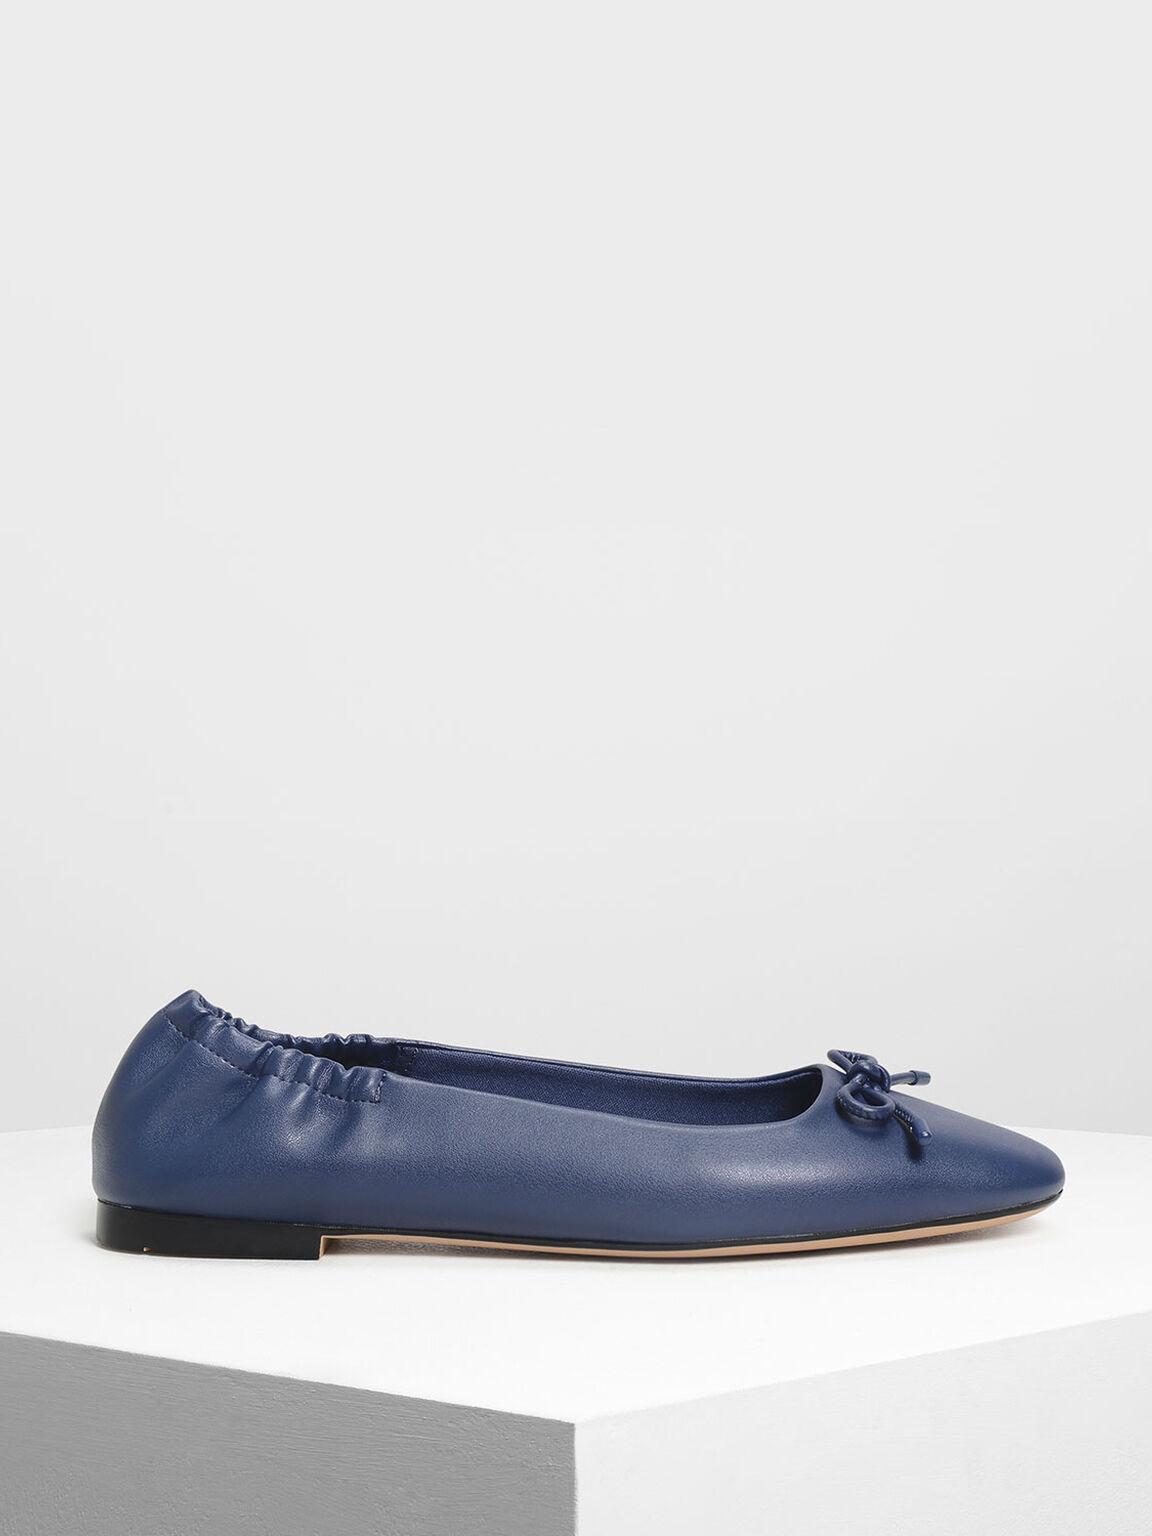 Bow Ballerina Flats, Dark Blue, hi-res